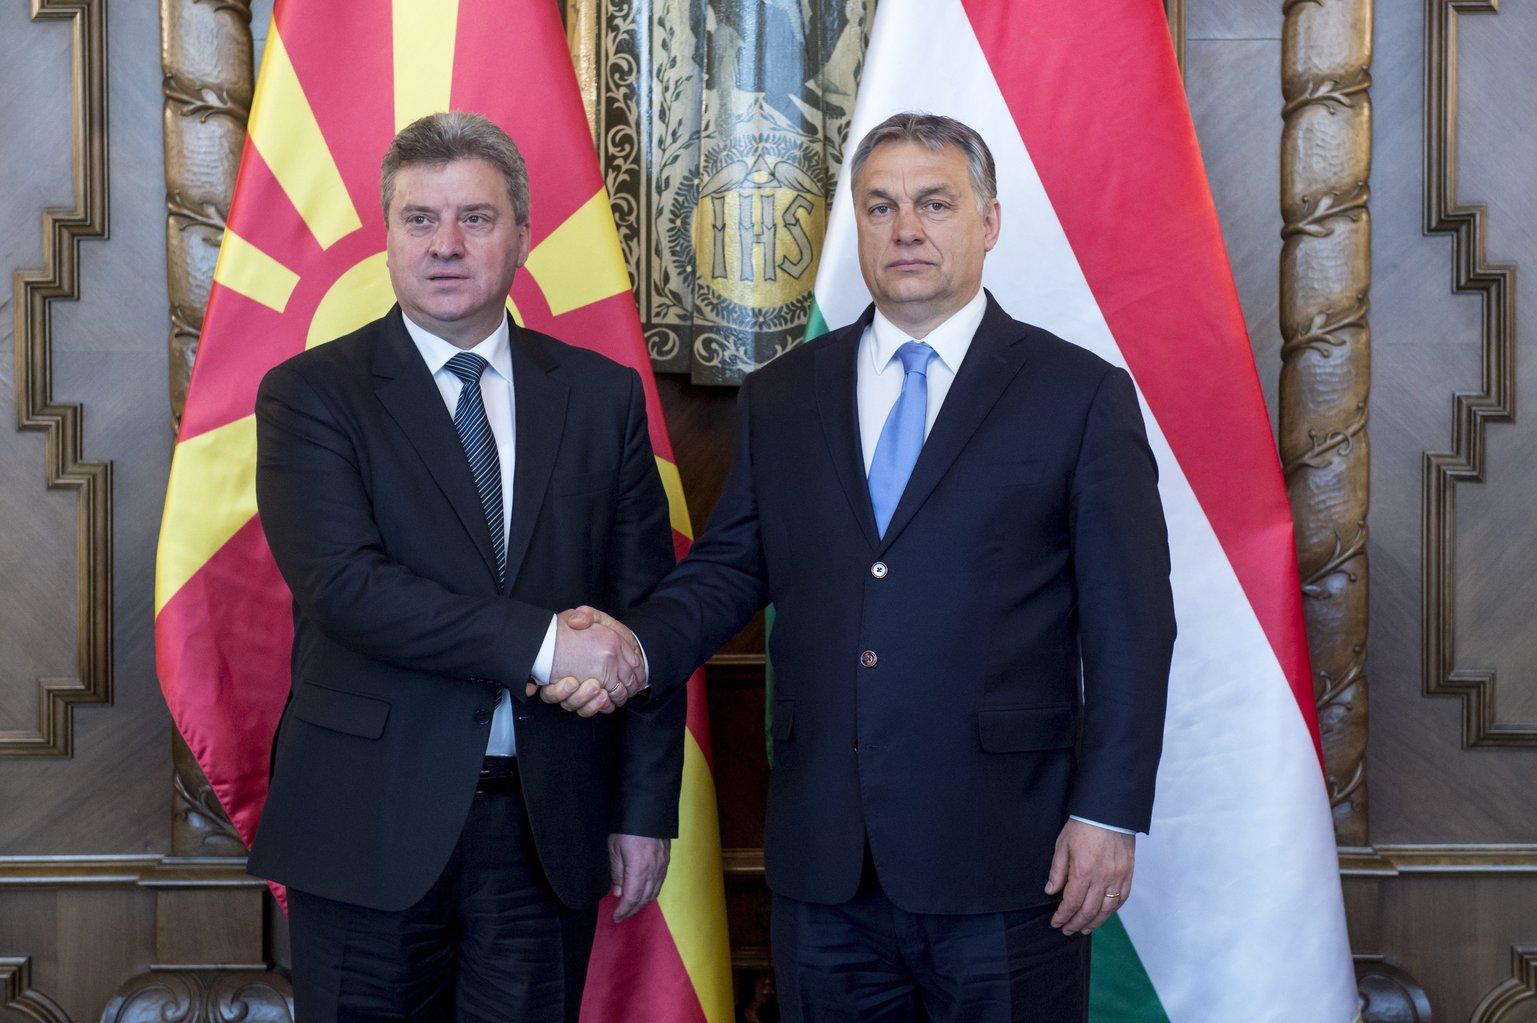 A Miniszterelnöki Sajtóiroda által közreadott képen Orbán Viktor miniszterelnök (j) fogadja Gjorge Ivanov macedón köztársasági elnököt az Országházban 2017. március 20-án. MTI Fotó: Miniszterelnöki Sajtóiroda / Árvai Károly